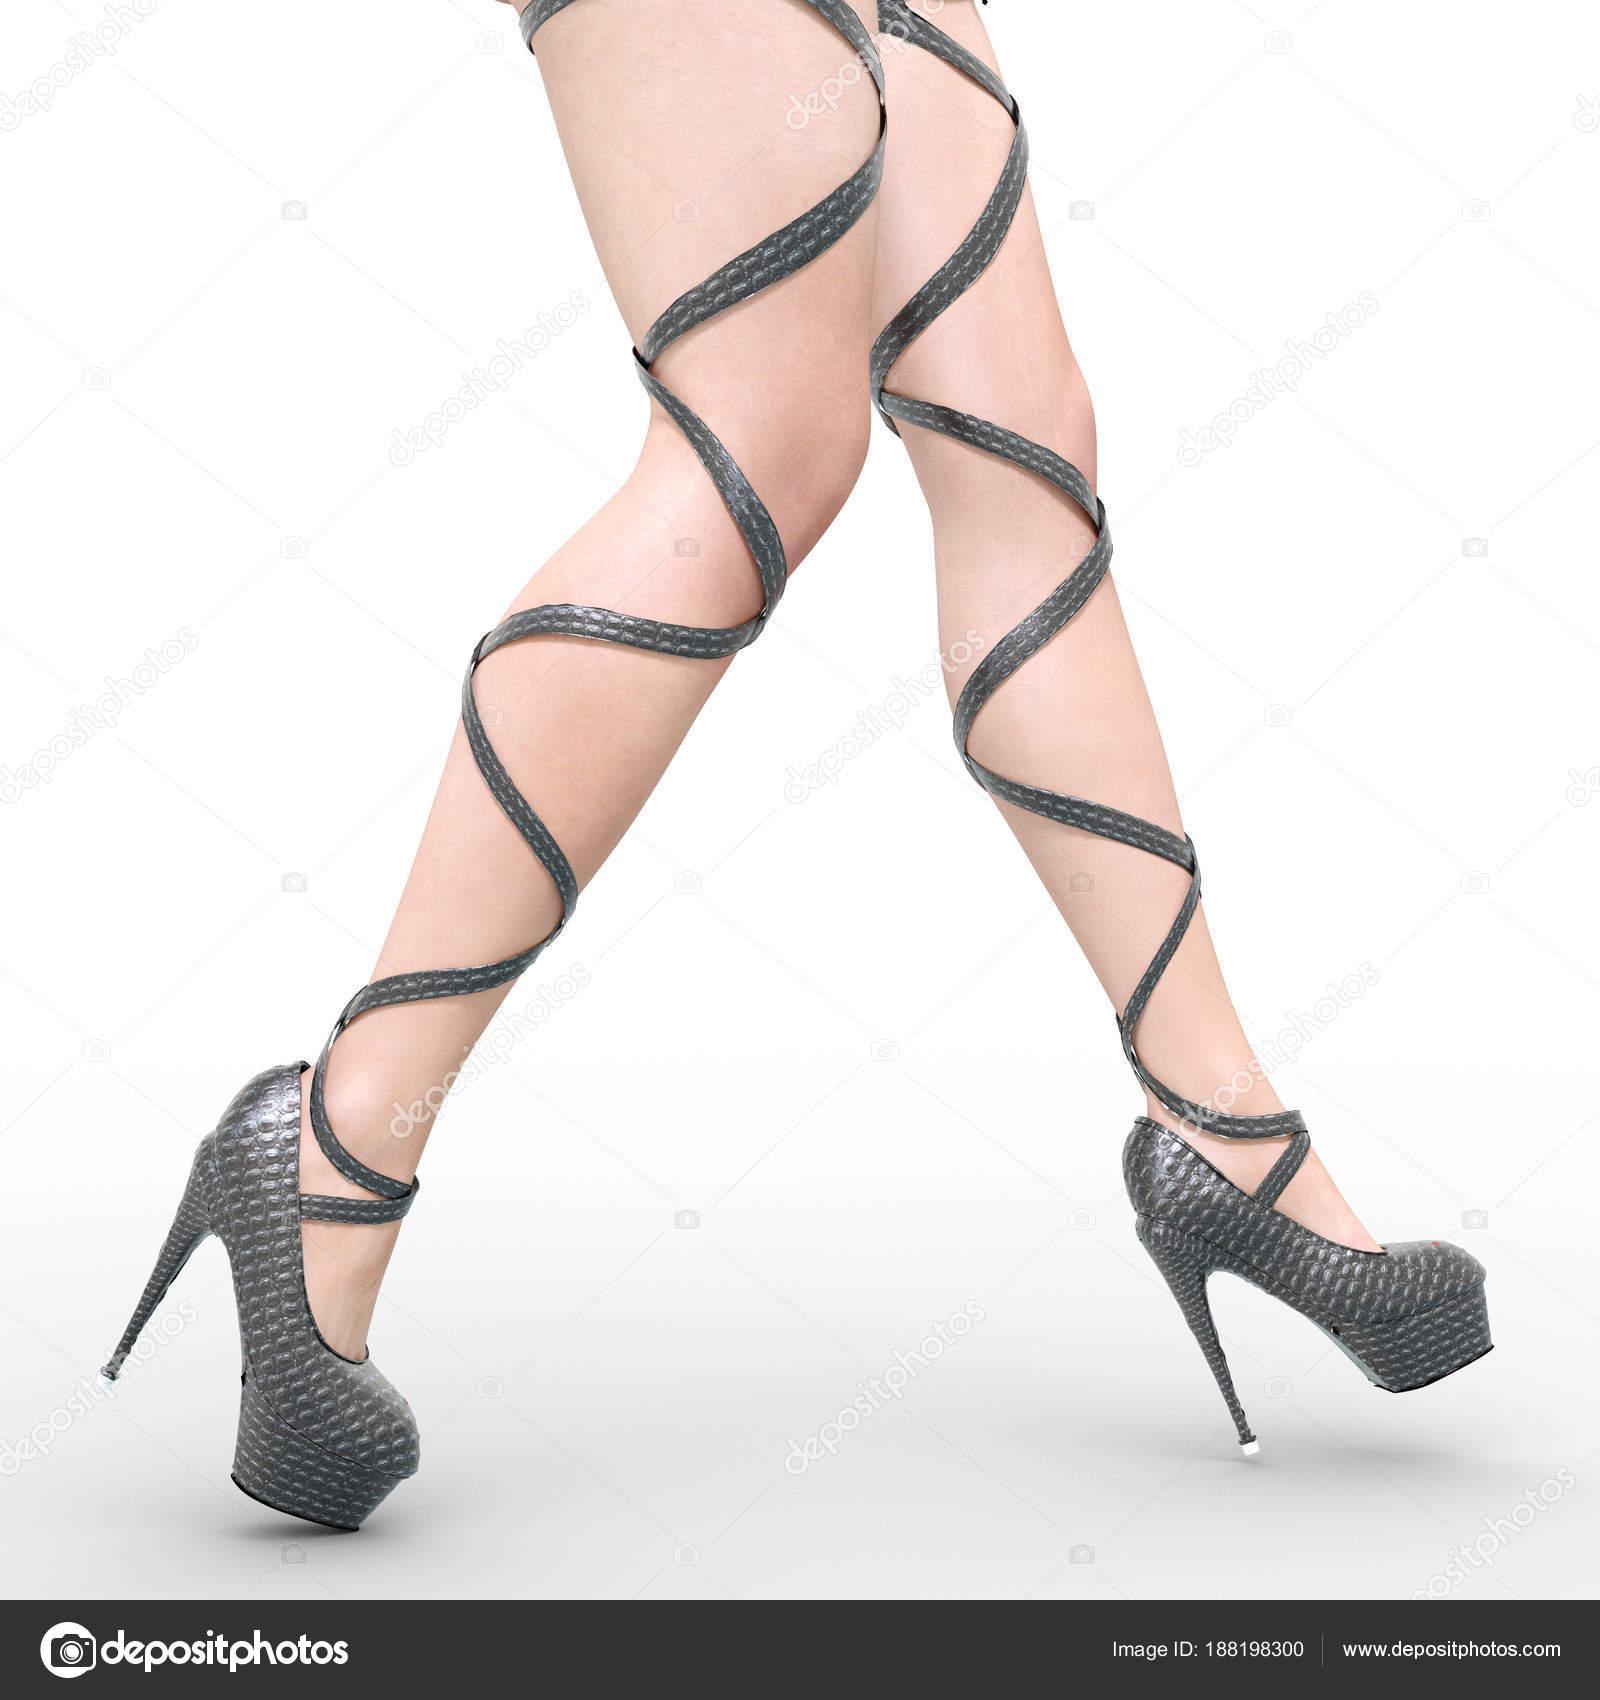 Сексуальнын женские ножки